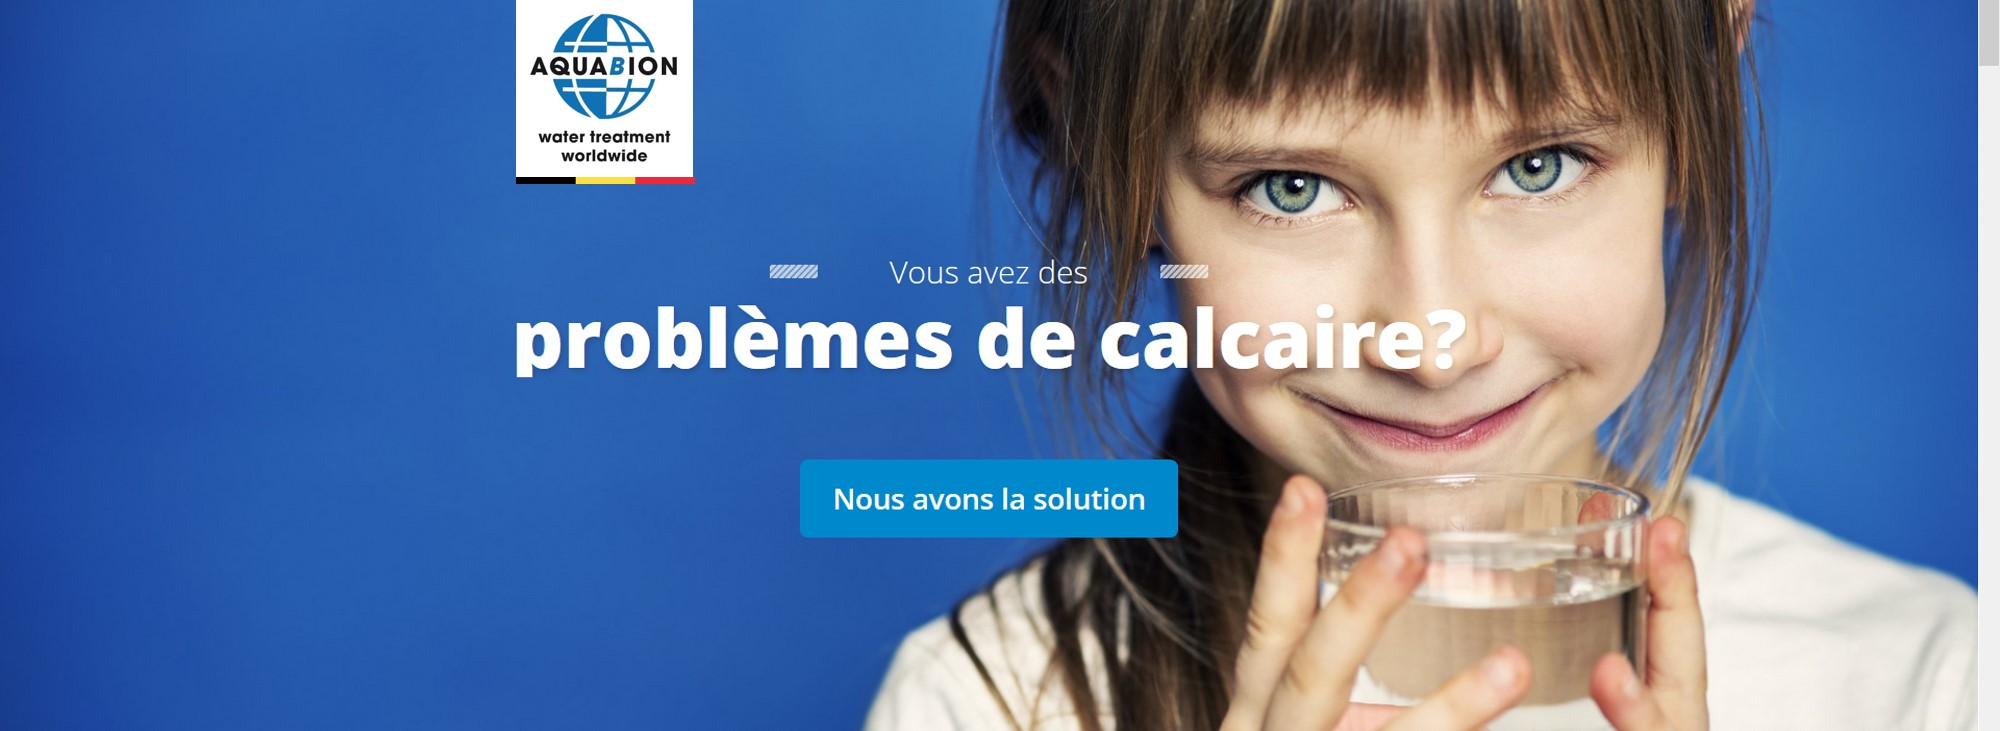 Aquabion belgique, traitement ecologique du calcaire, anti calcaire, facebook 2.jpg